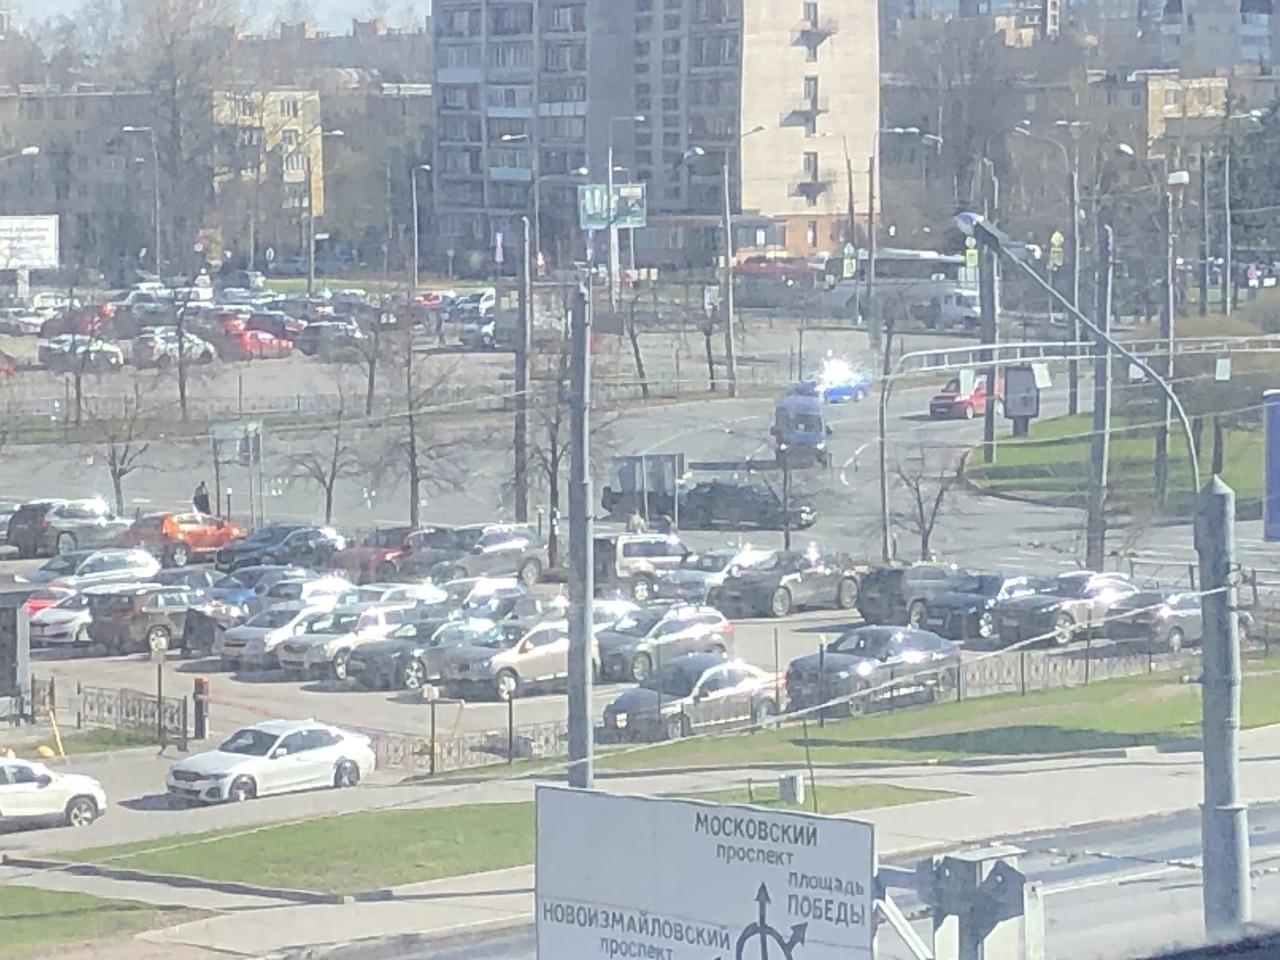 Стремительно сокращающееся расстояние между двумя автомобилями на площади Конституции ушло в неконтр...